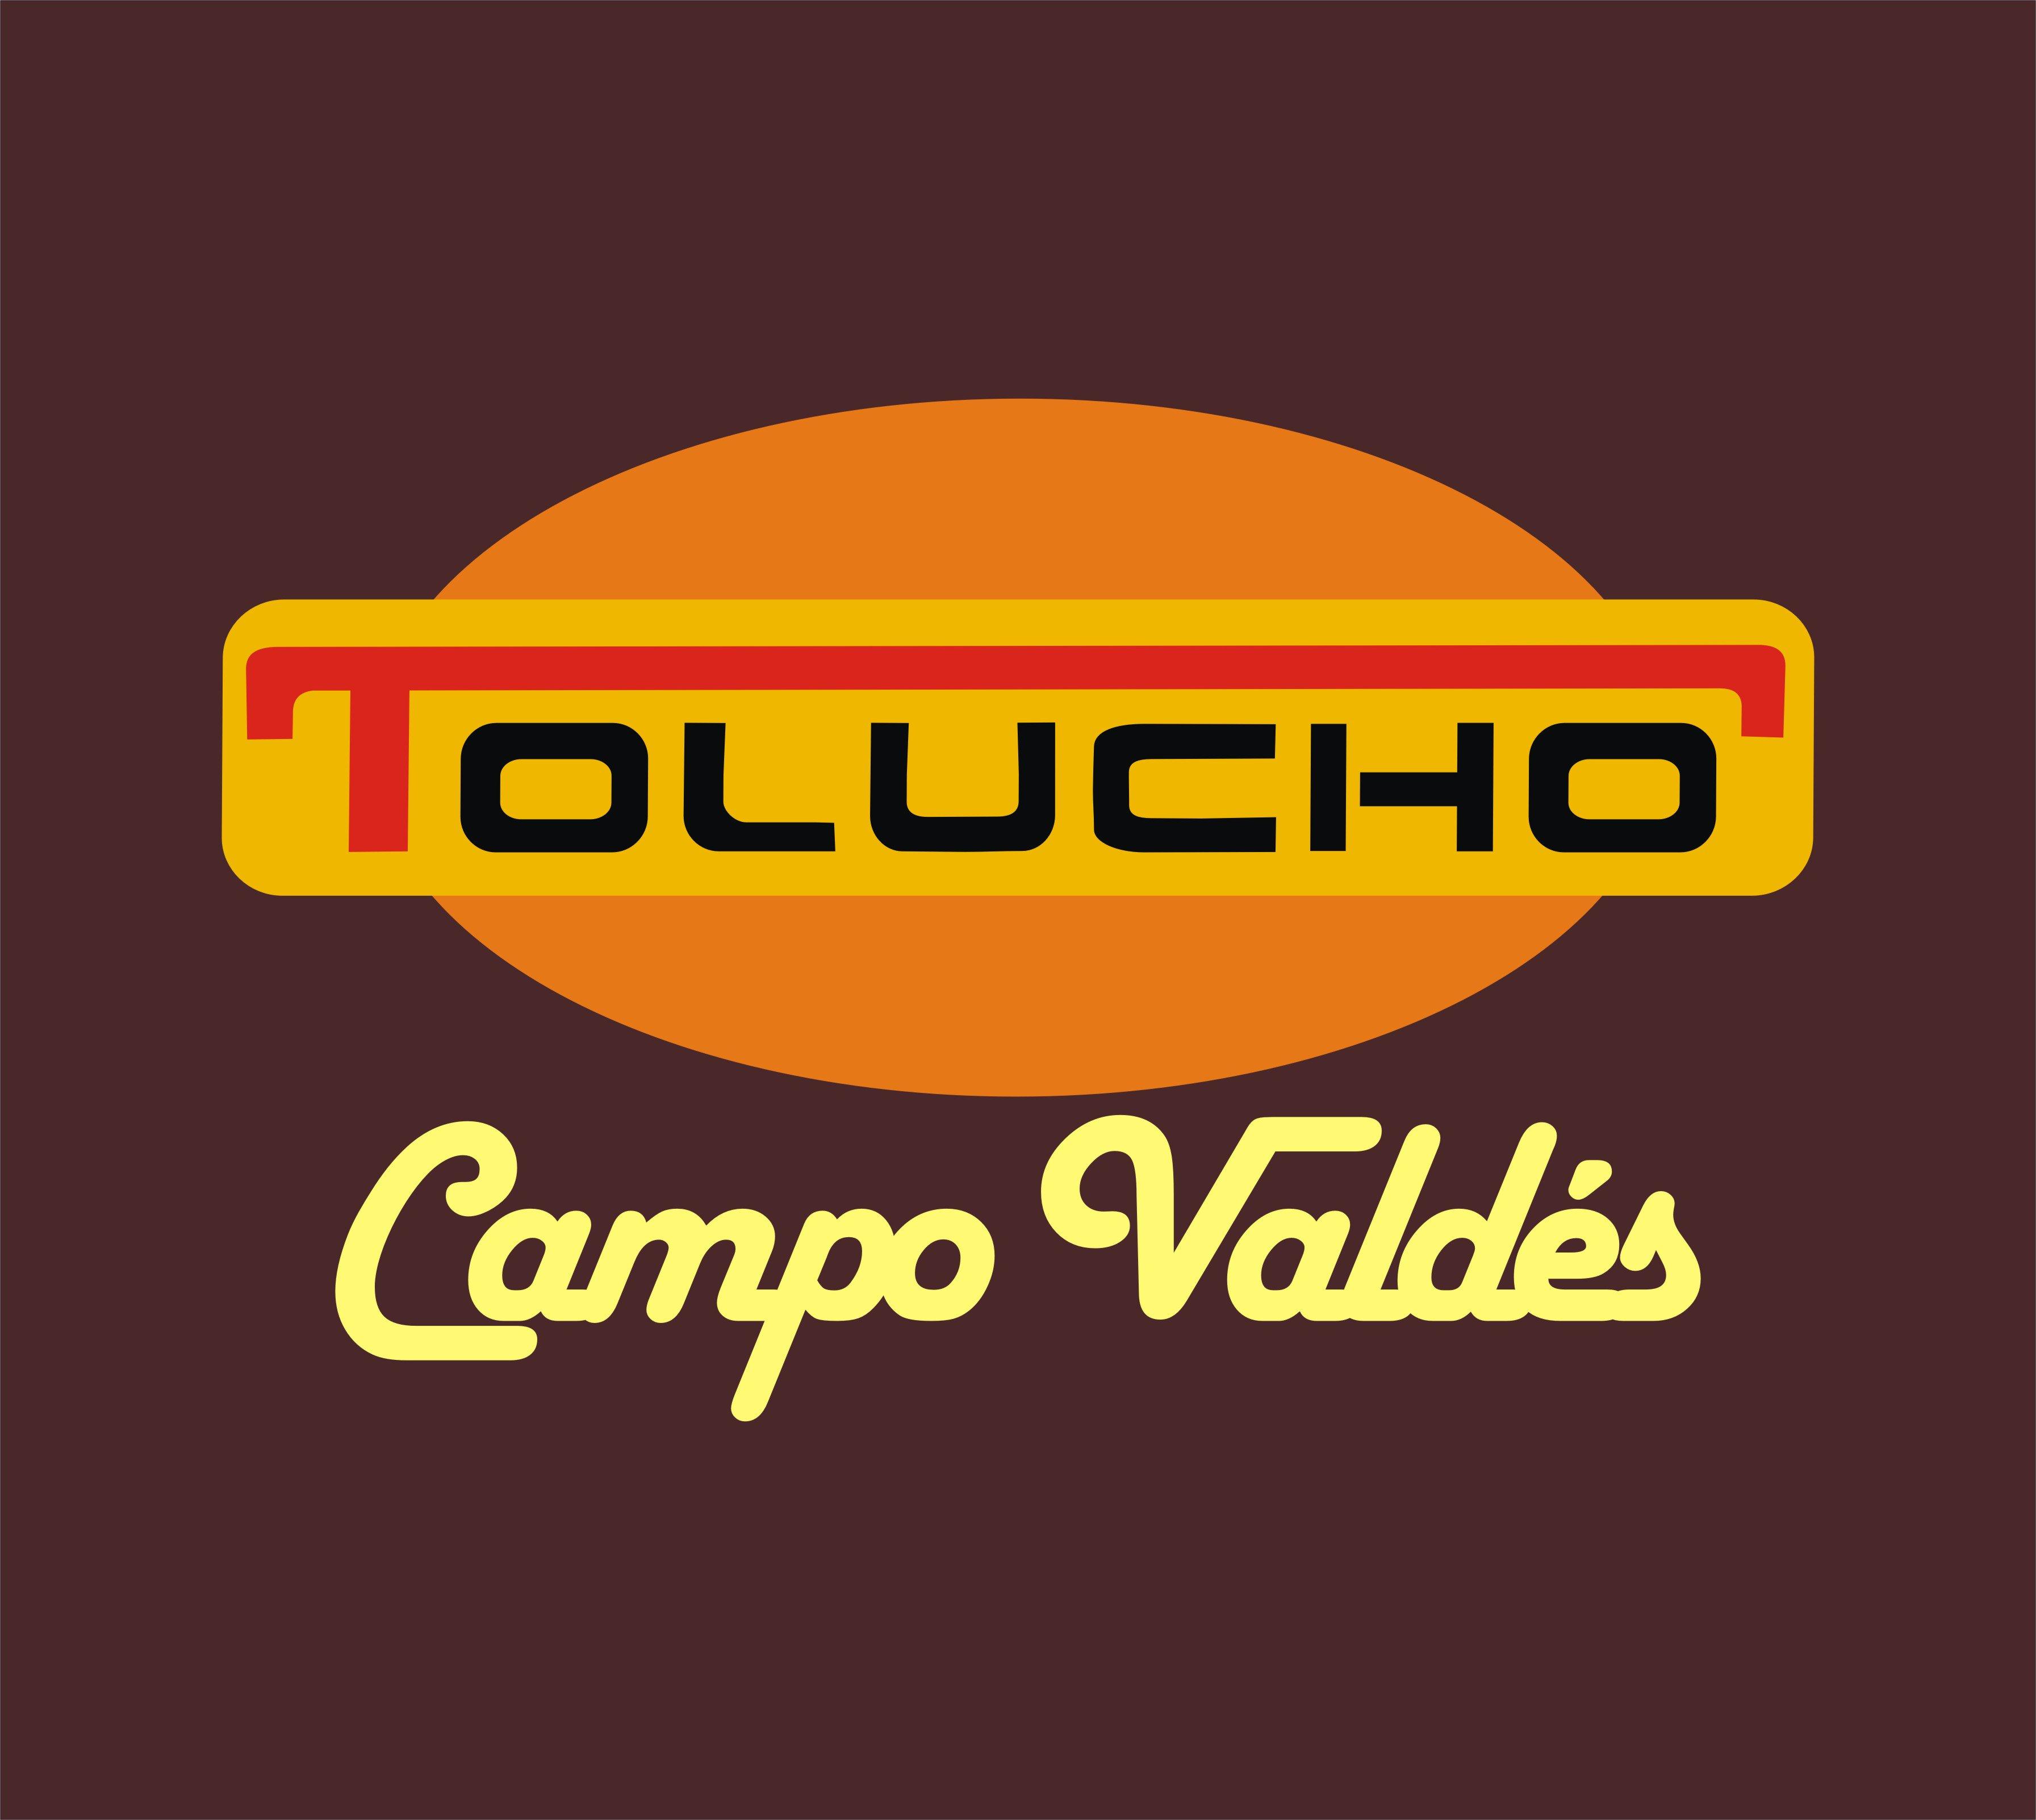 Tolucho